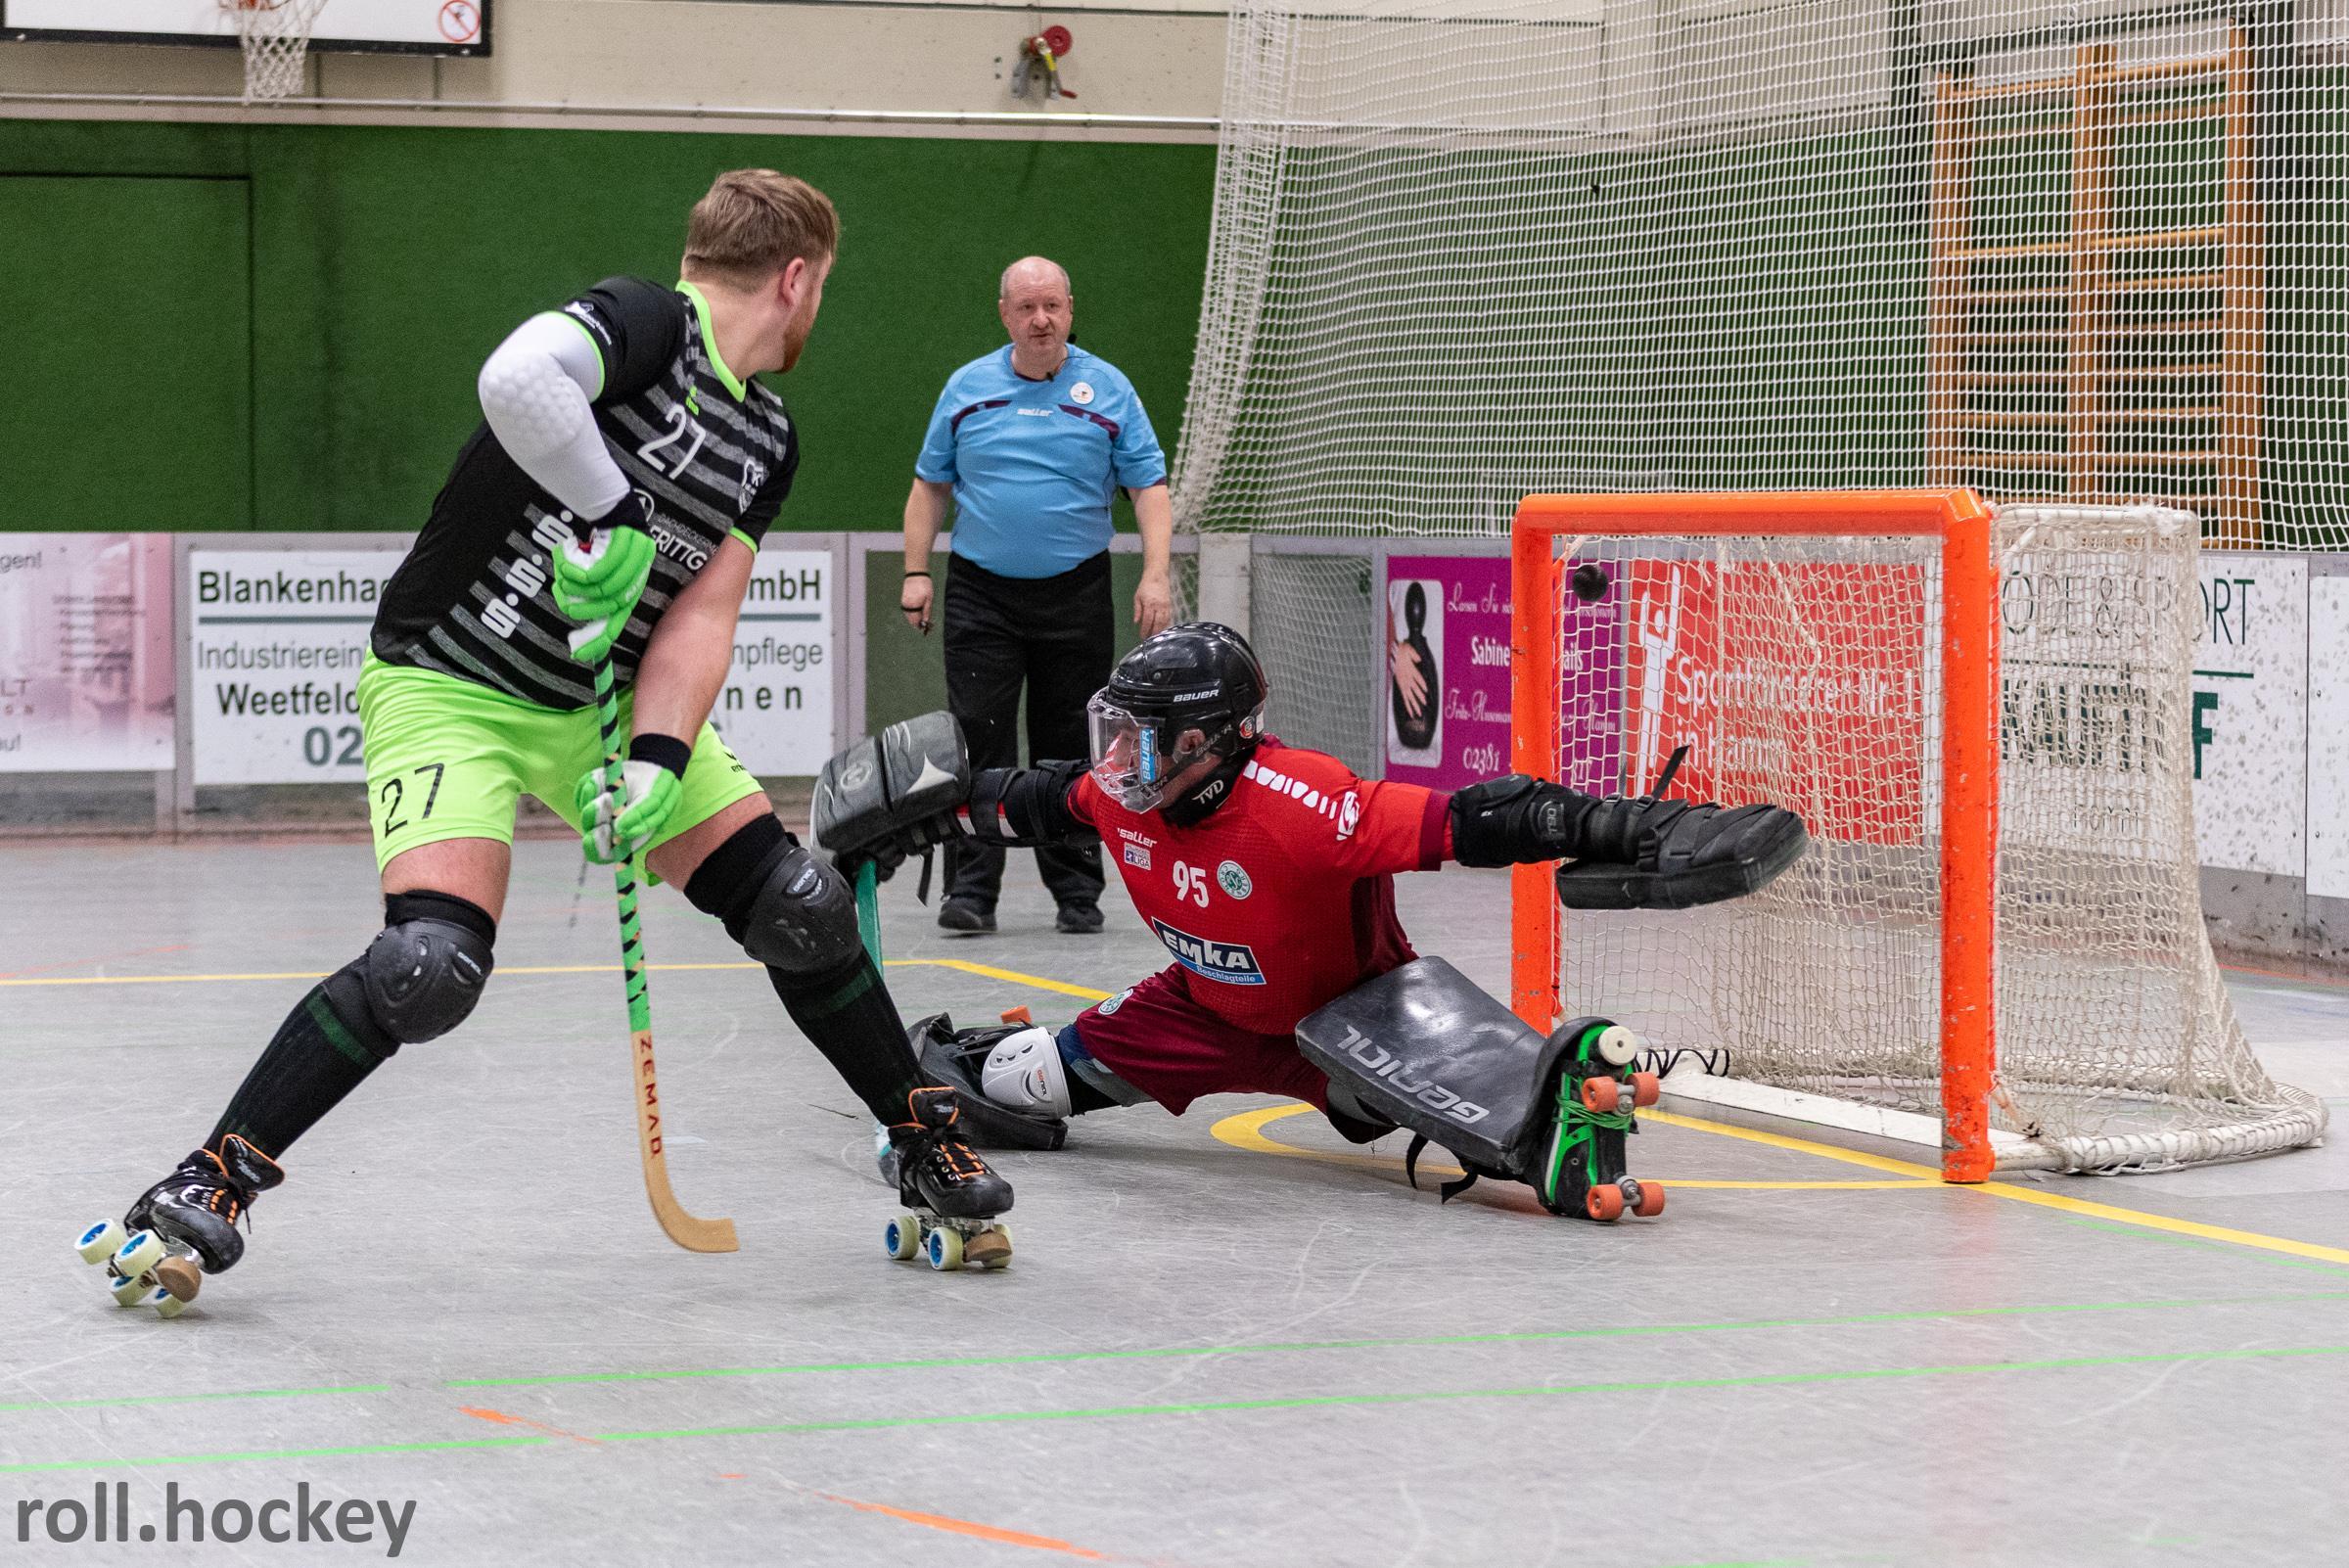 RSC Cronenberg Rollhockey Bundesliga Herren Spieltag 26.01.2019